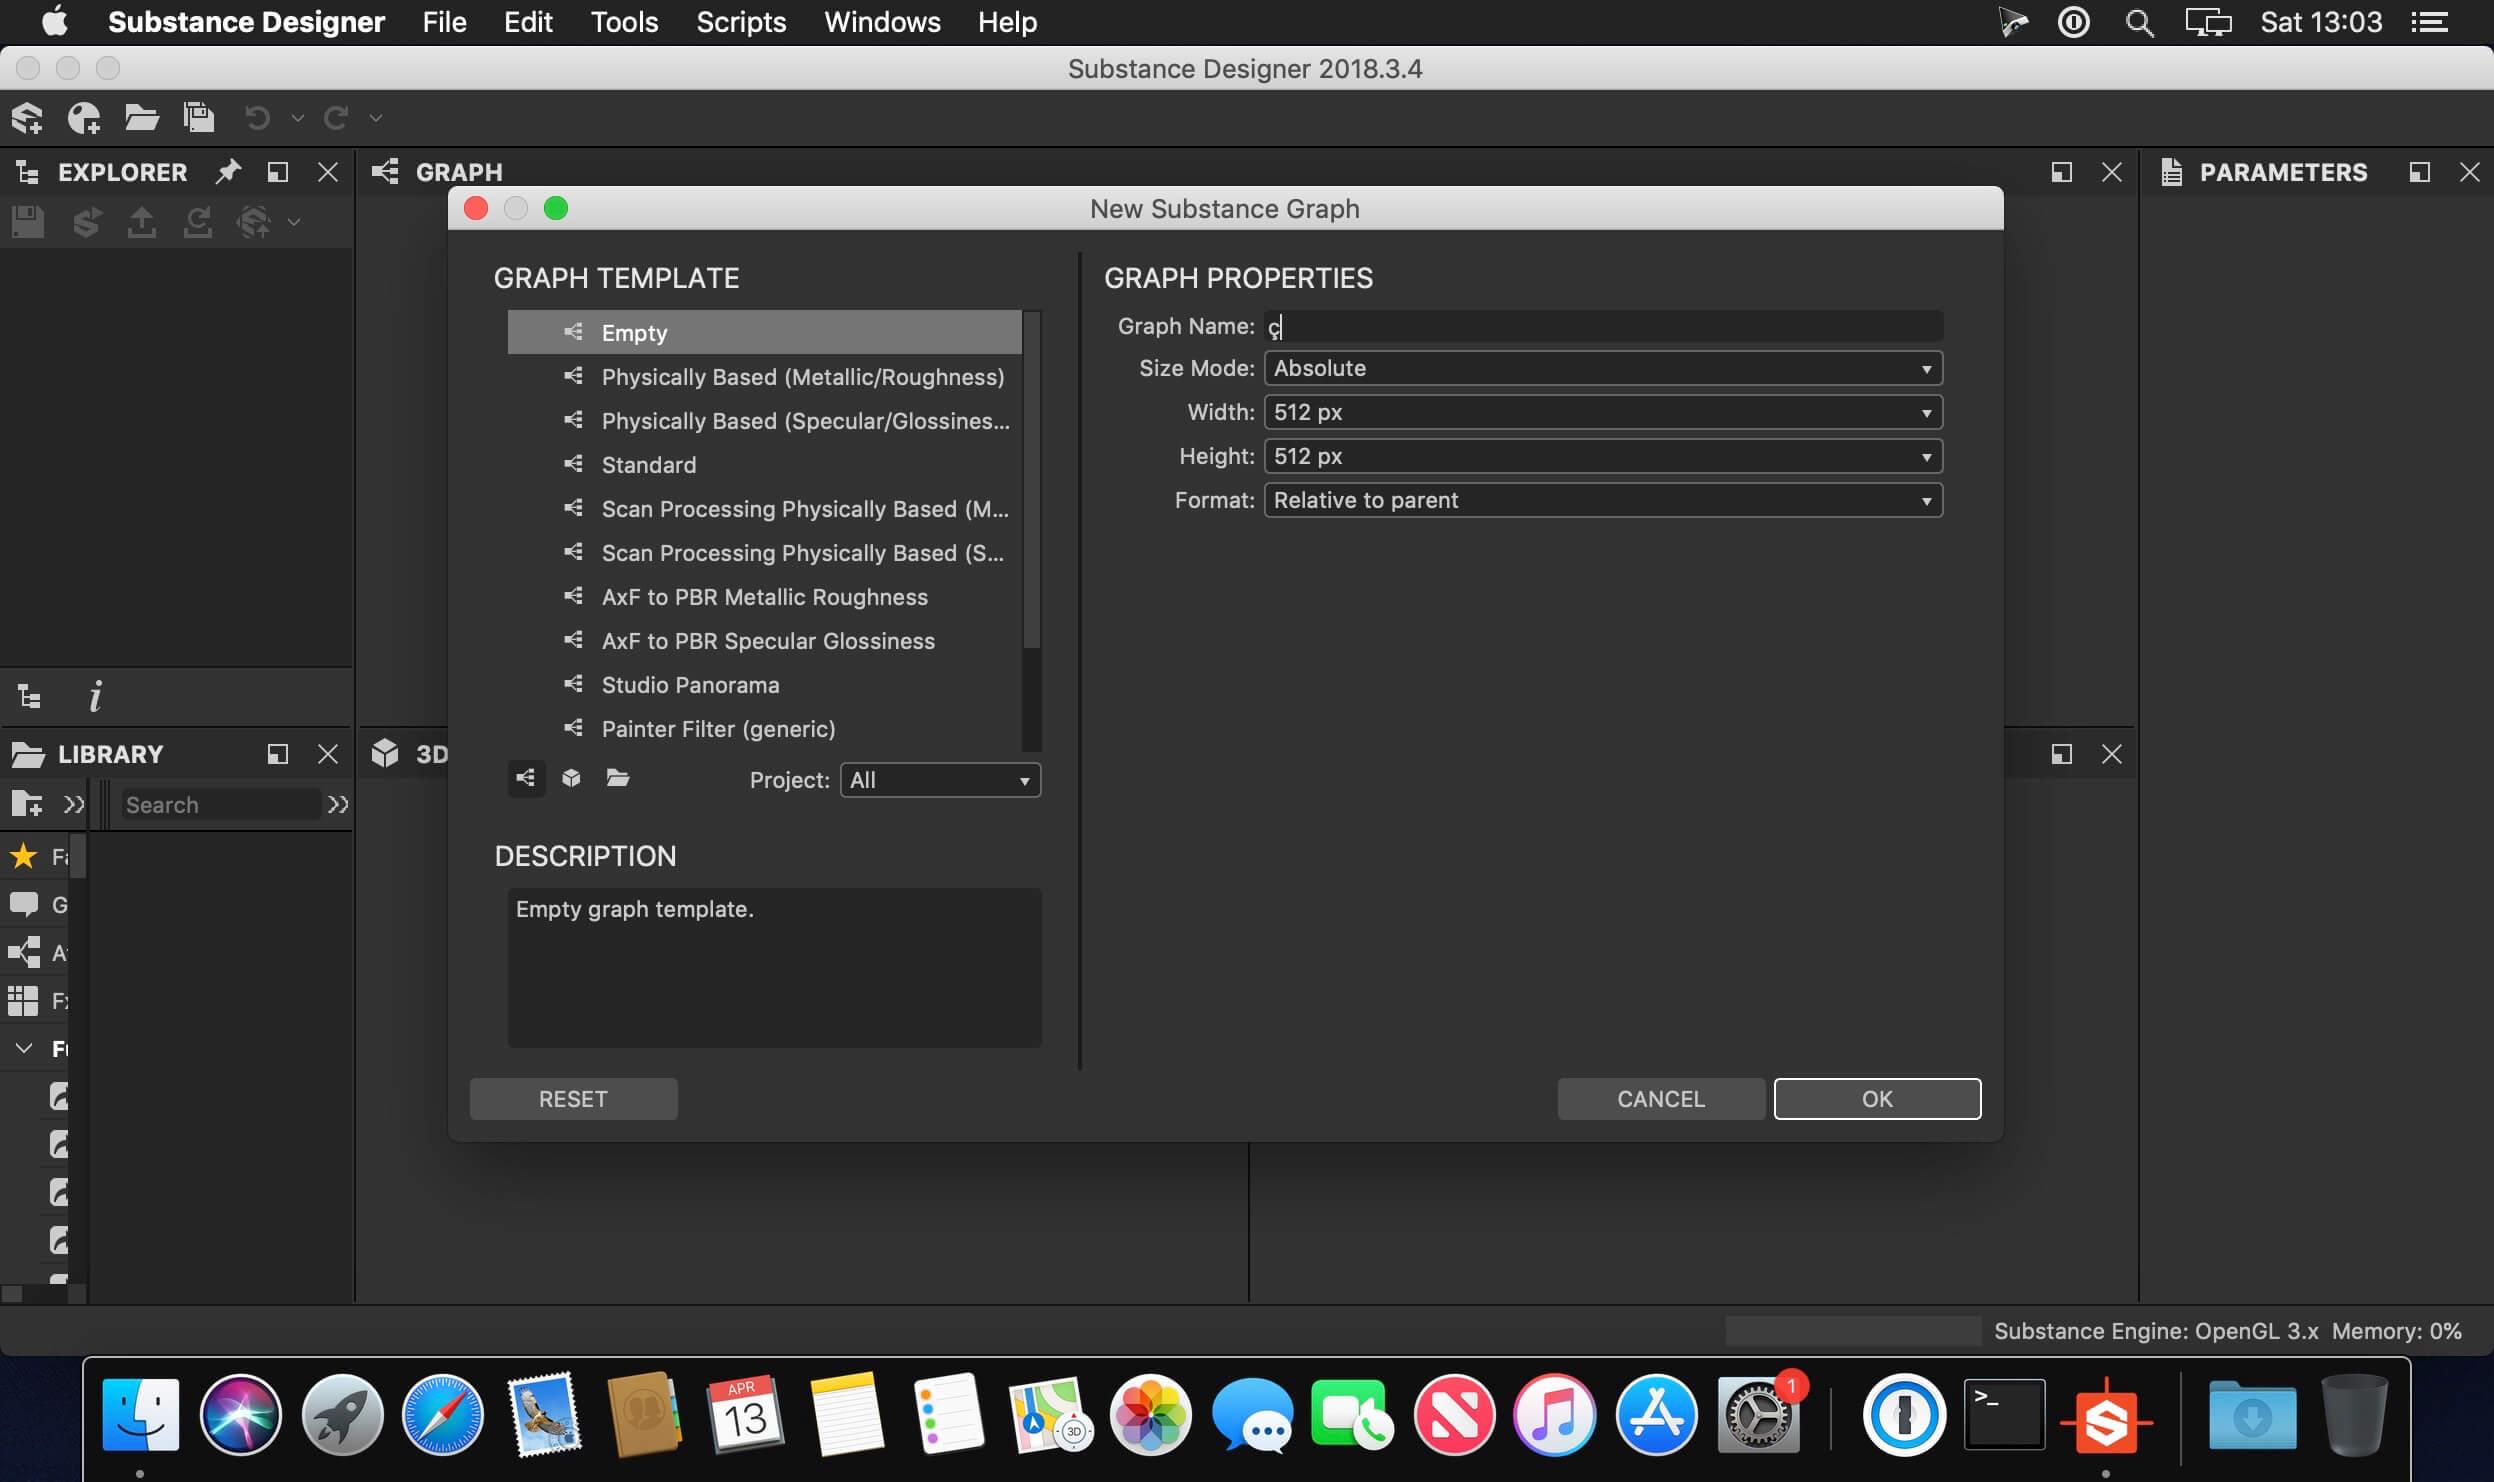 Substance-Designer-2021-for-Mac-Torrent